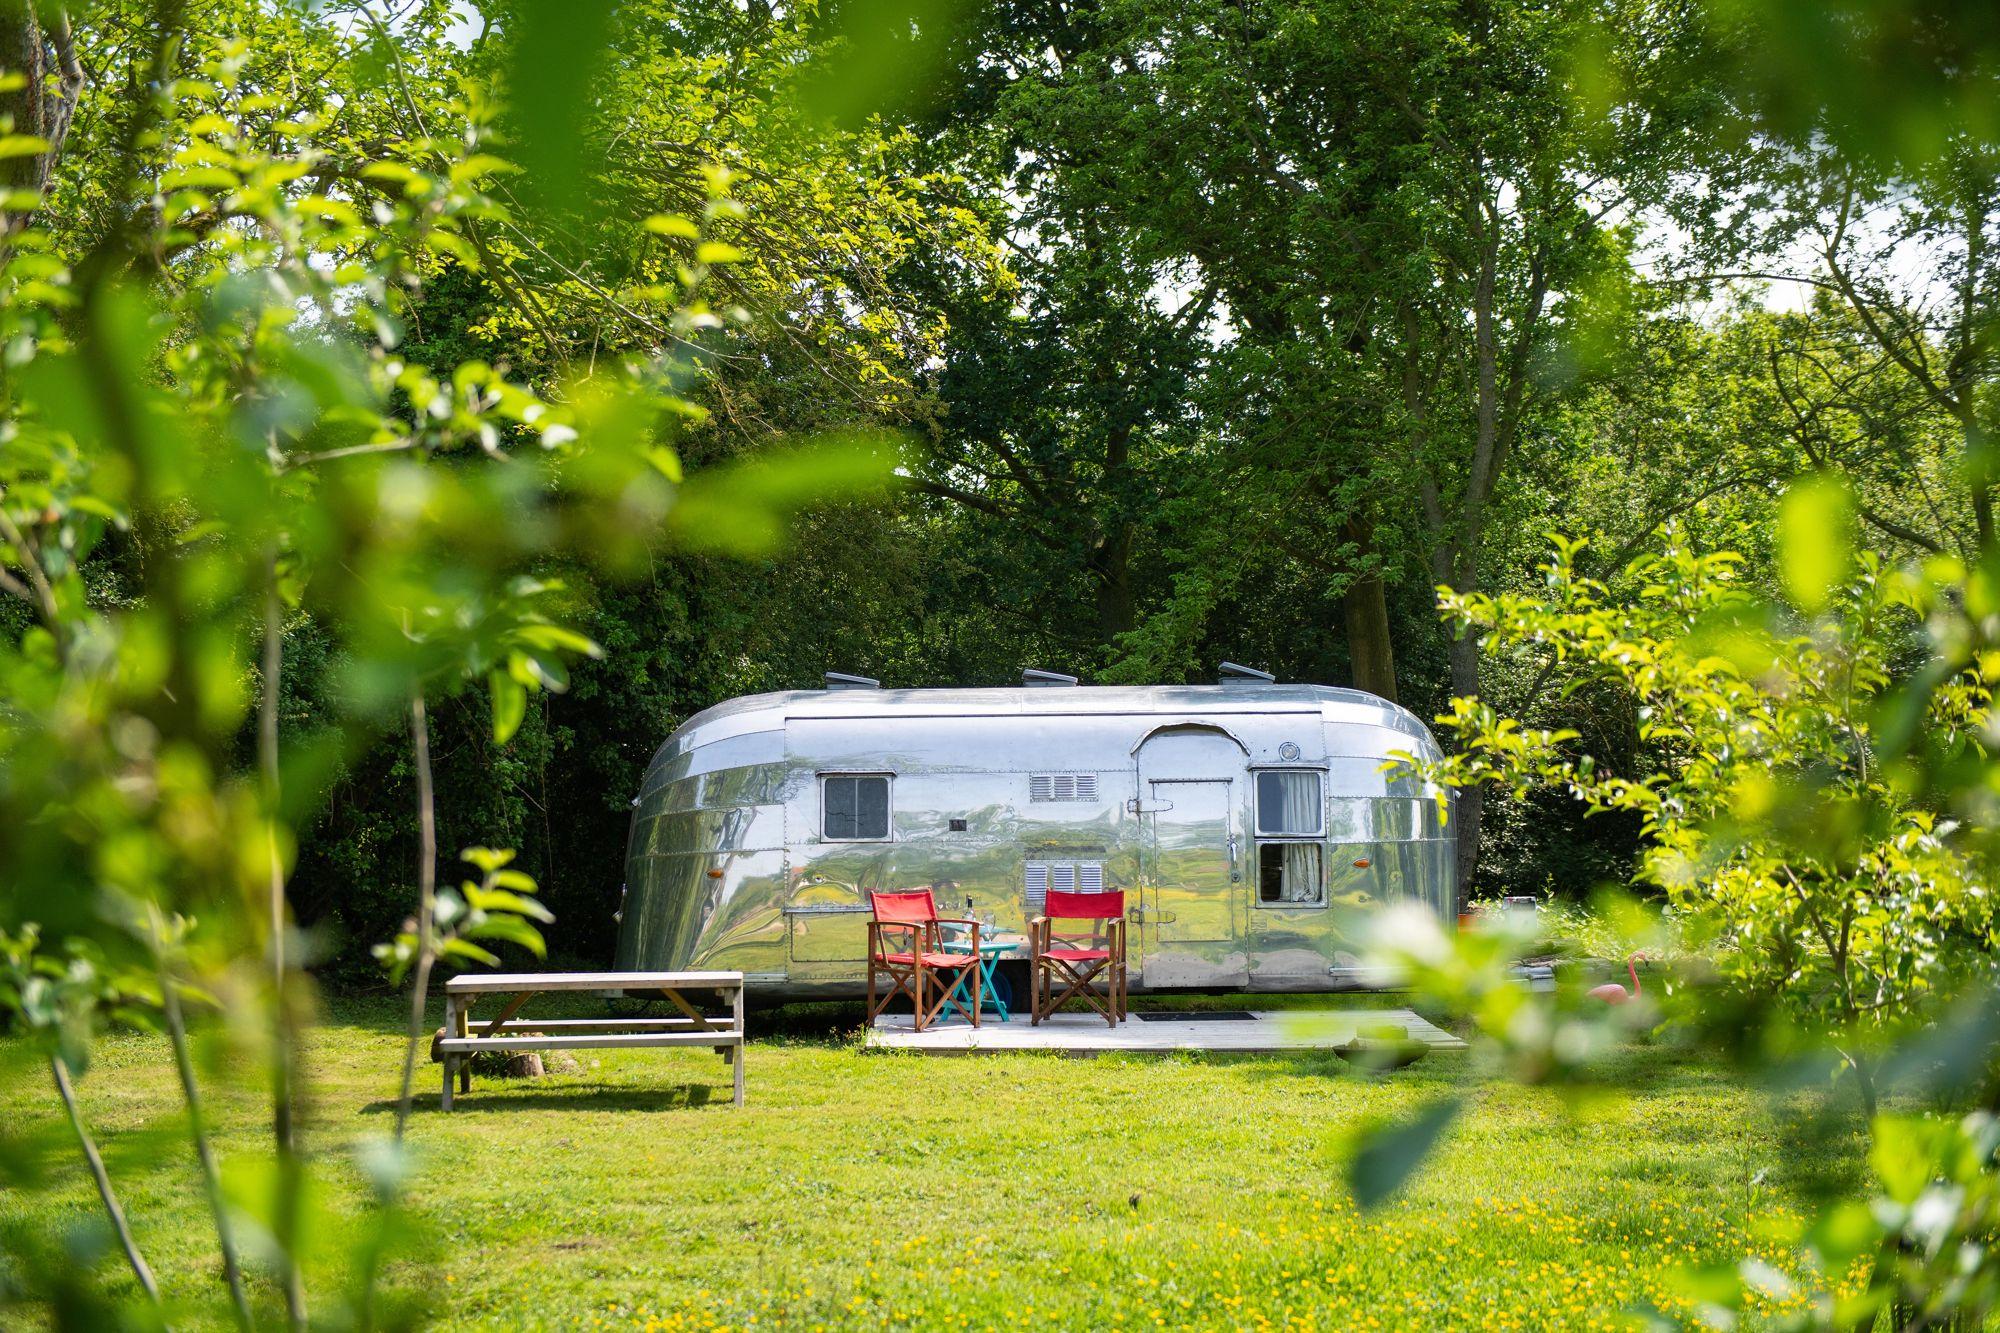 Tin Can Camping